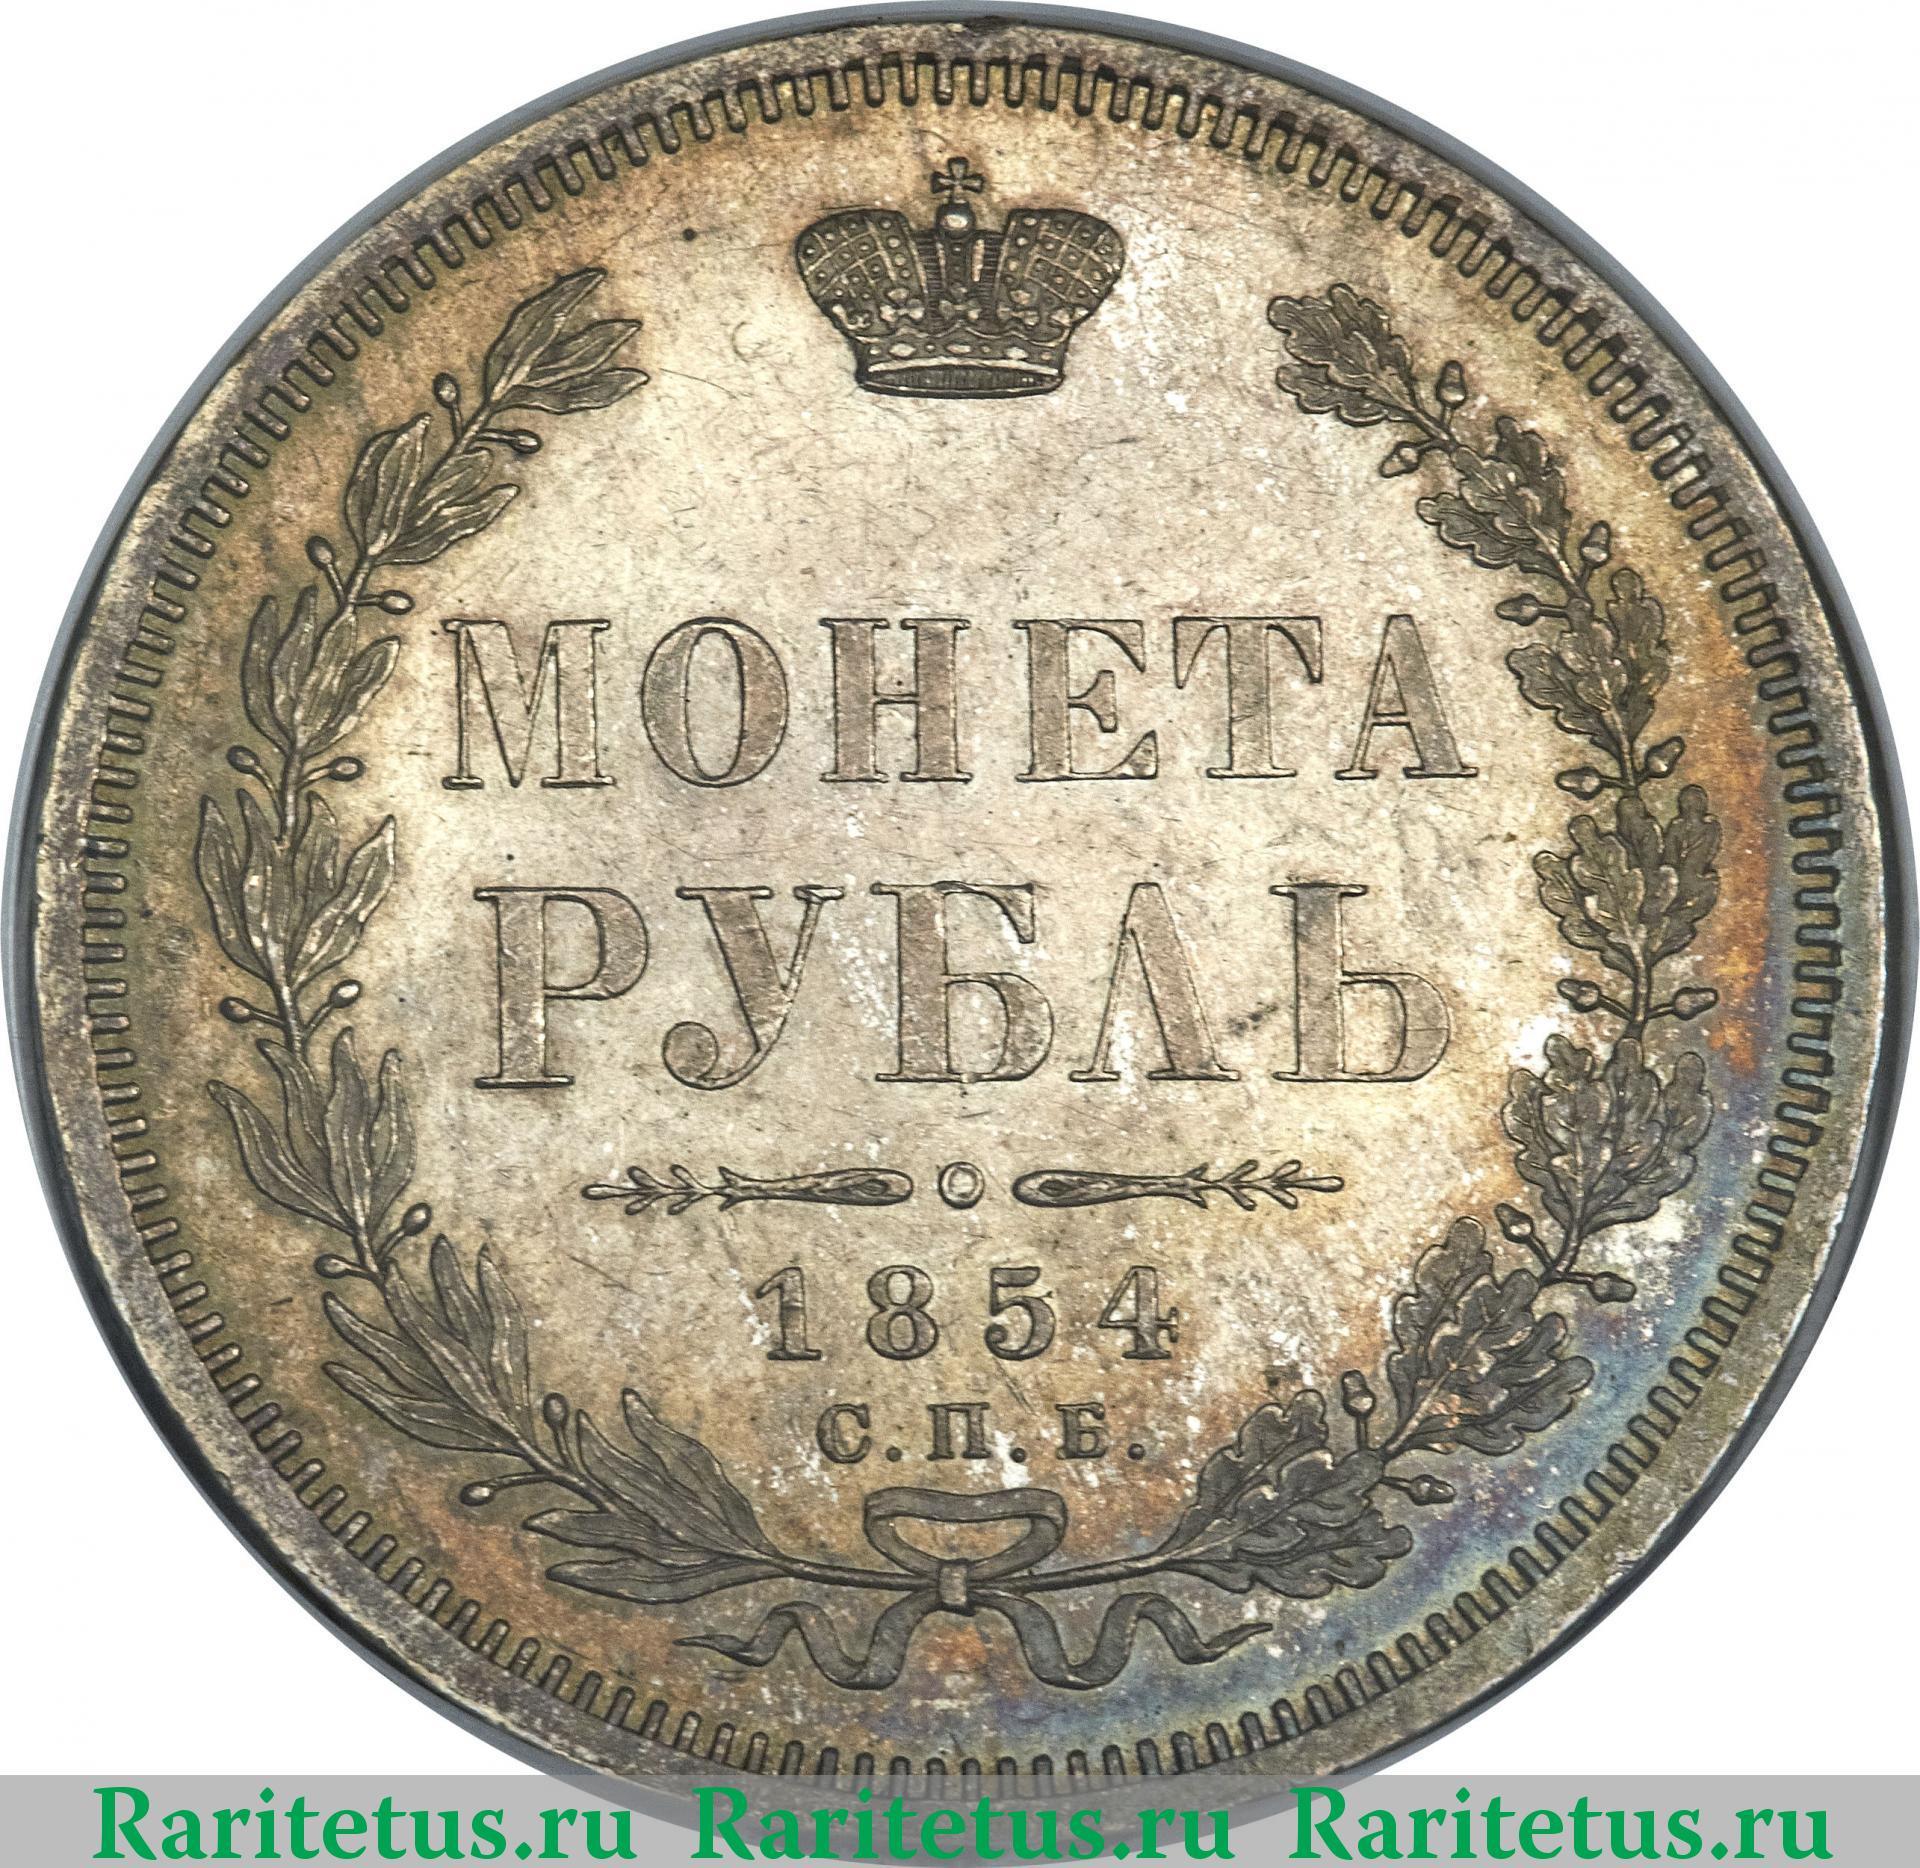 1 рубль 1854 купить медаль 70 лет освобождения беларуси